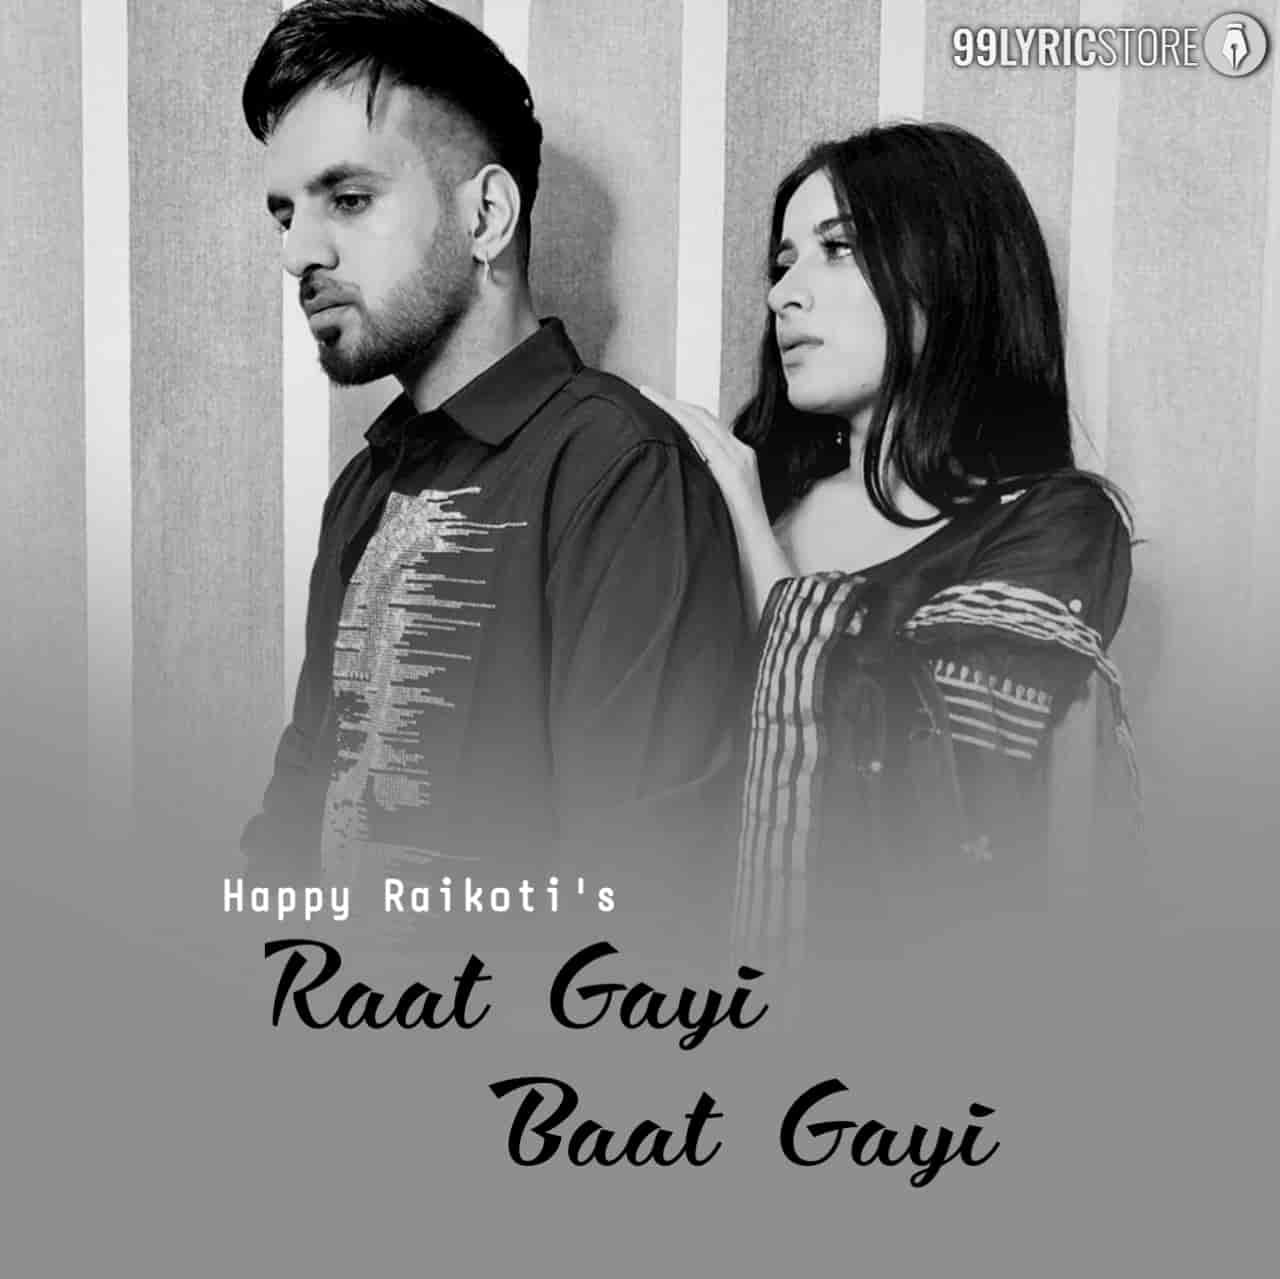 Raat Gayi Baat Gayi Song Image By Happy Raikoti